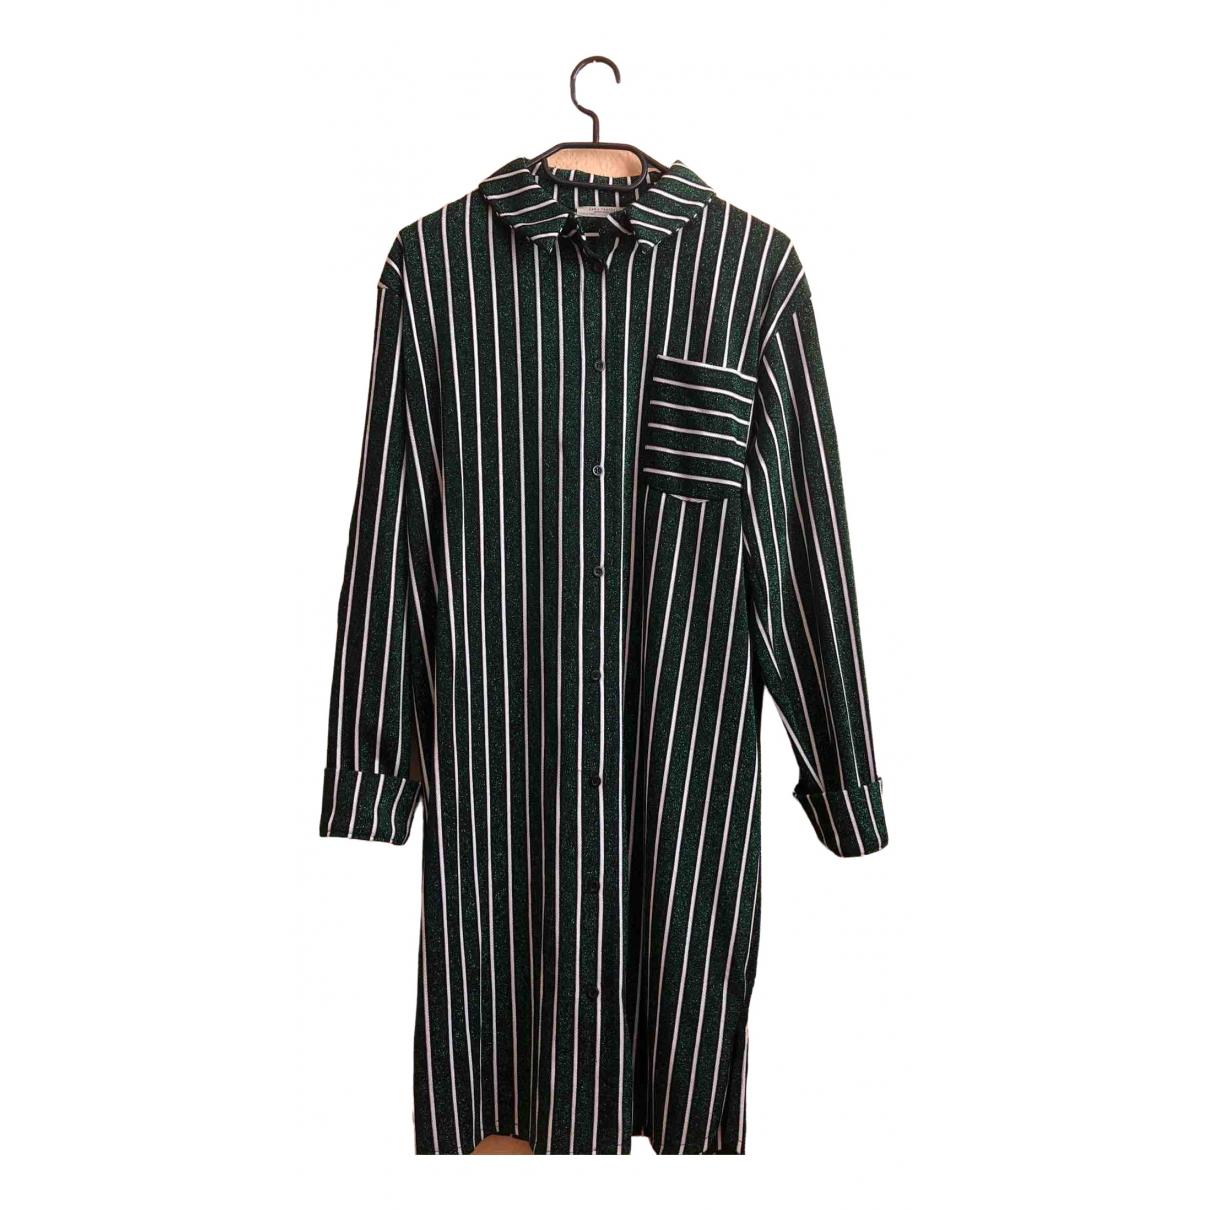 Zara \N Kleid in  Bunt Baumwolle - Elasthan